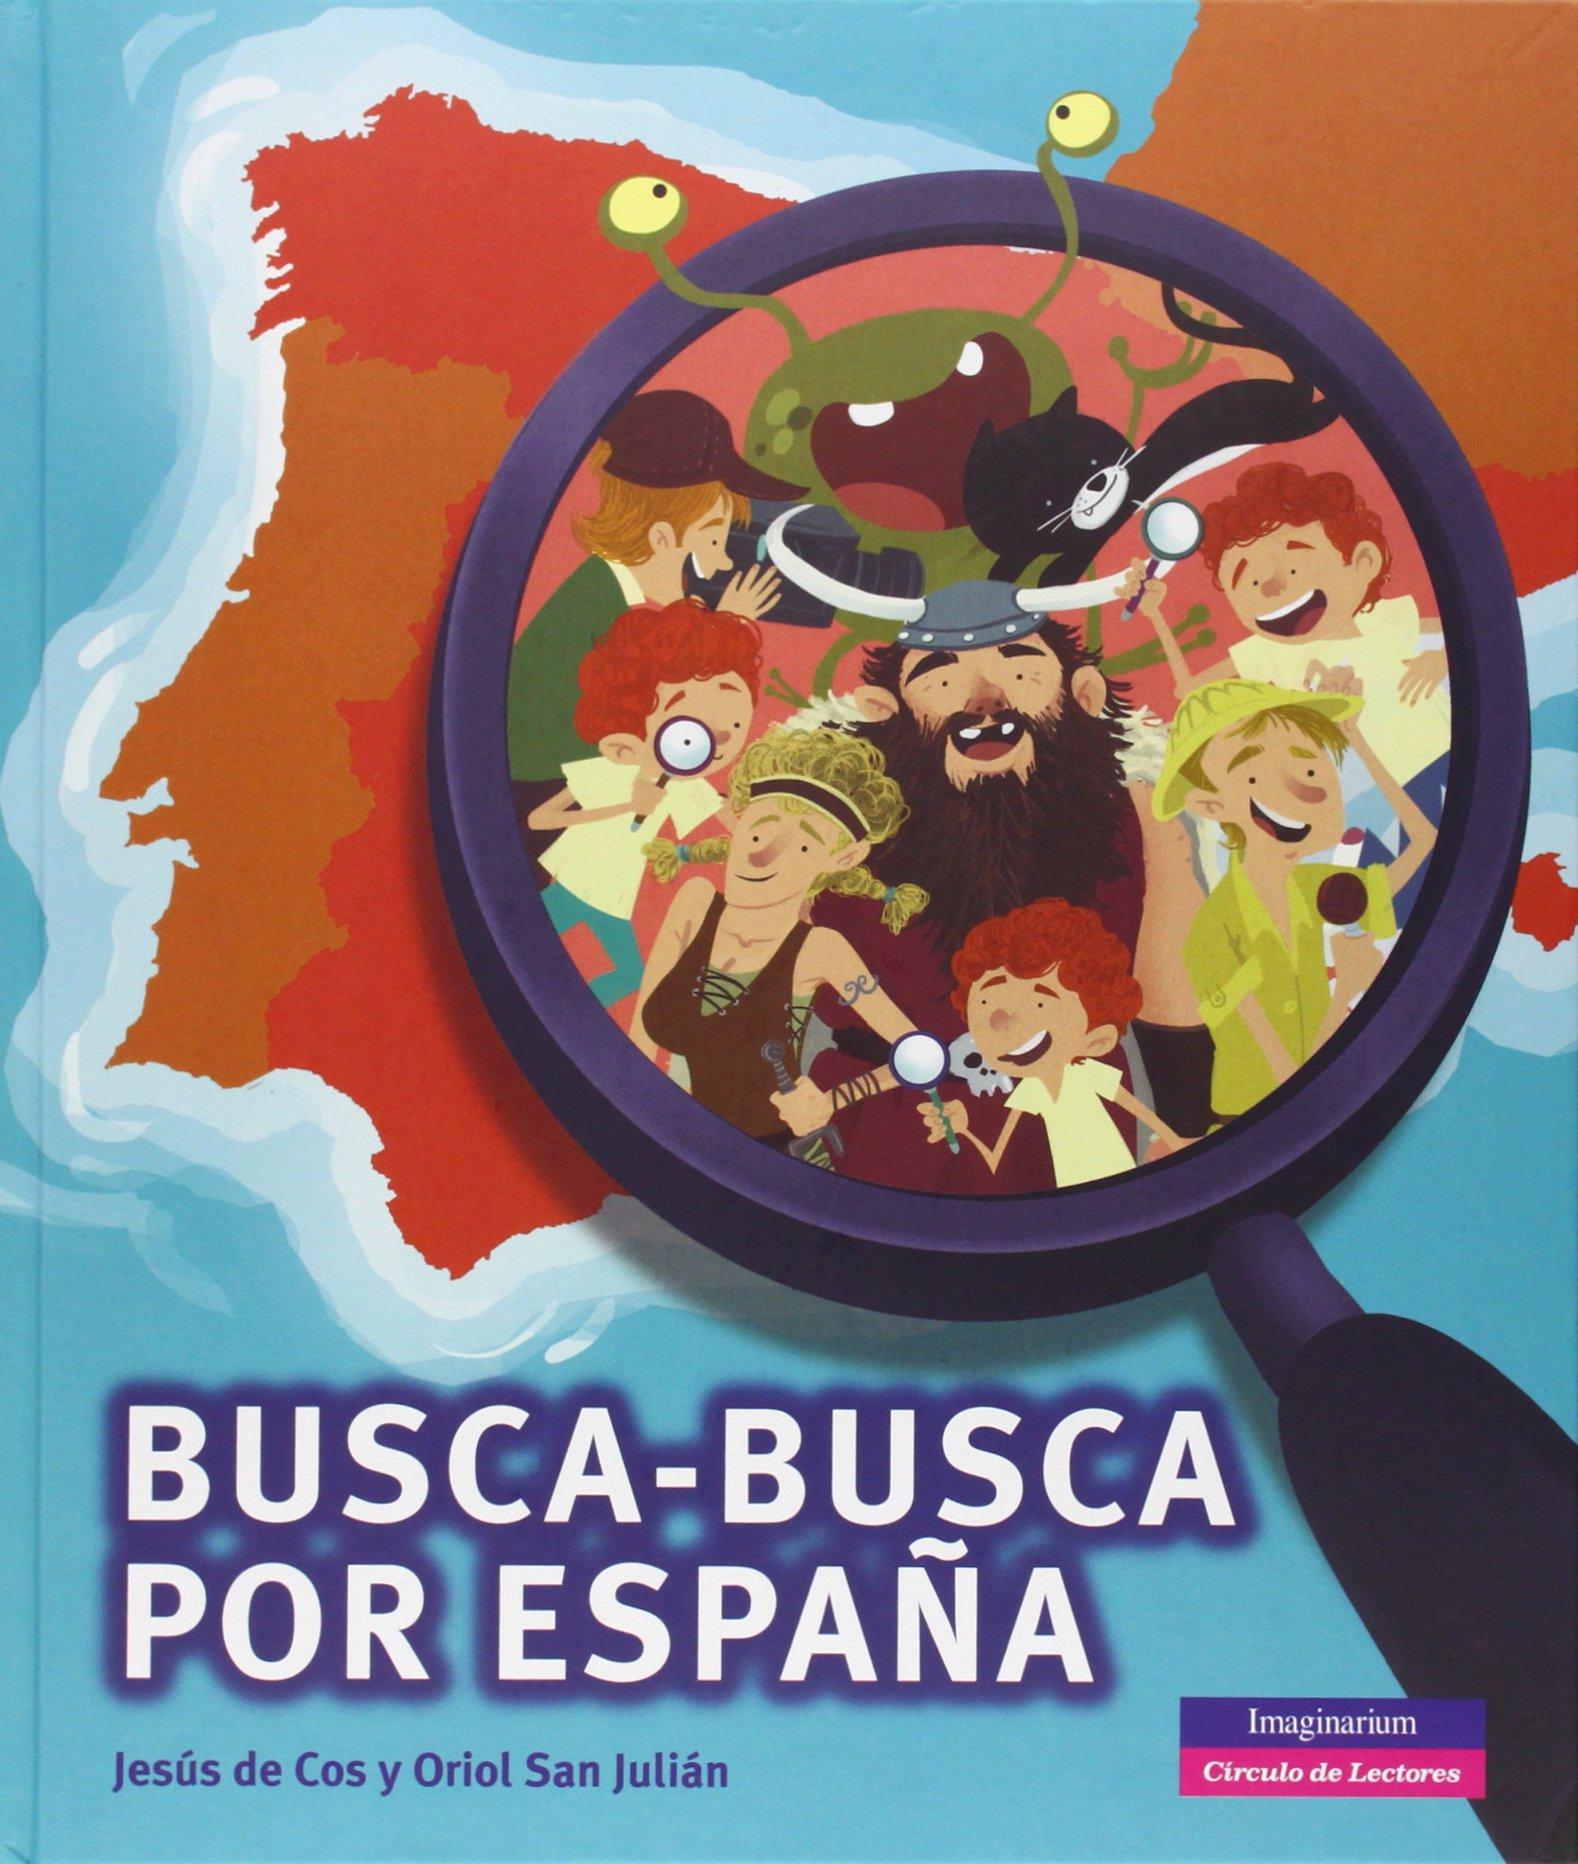 Busca-Busca Por España (Itsimagical): Amazon.es: Jesús de Cos;Oriol San Julián: Libros